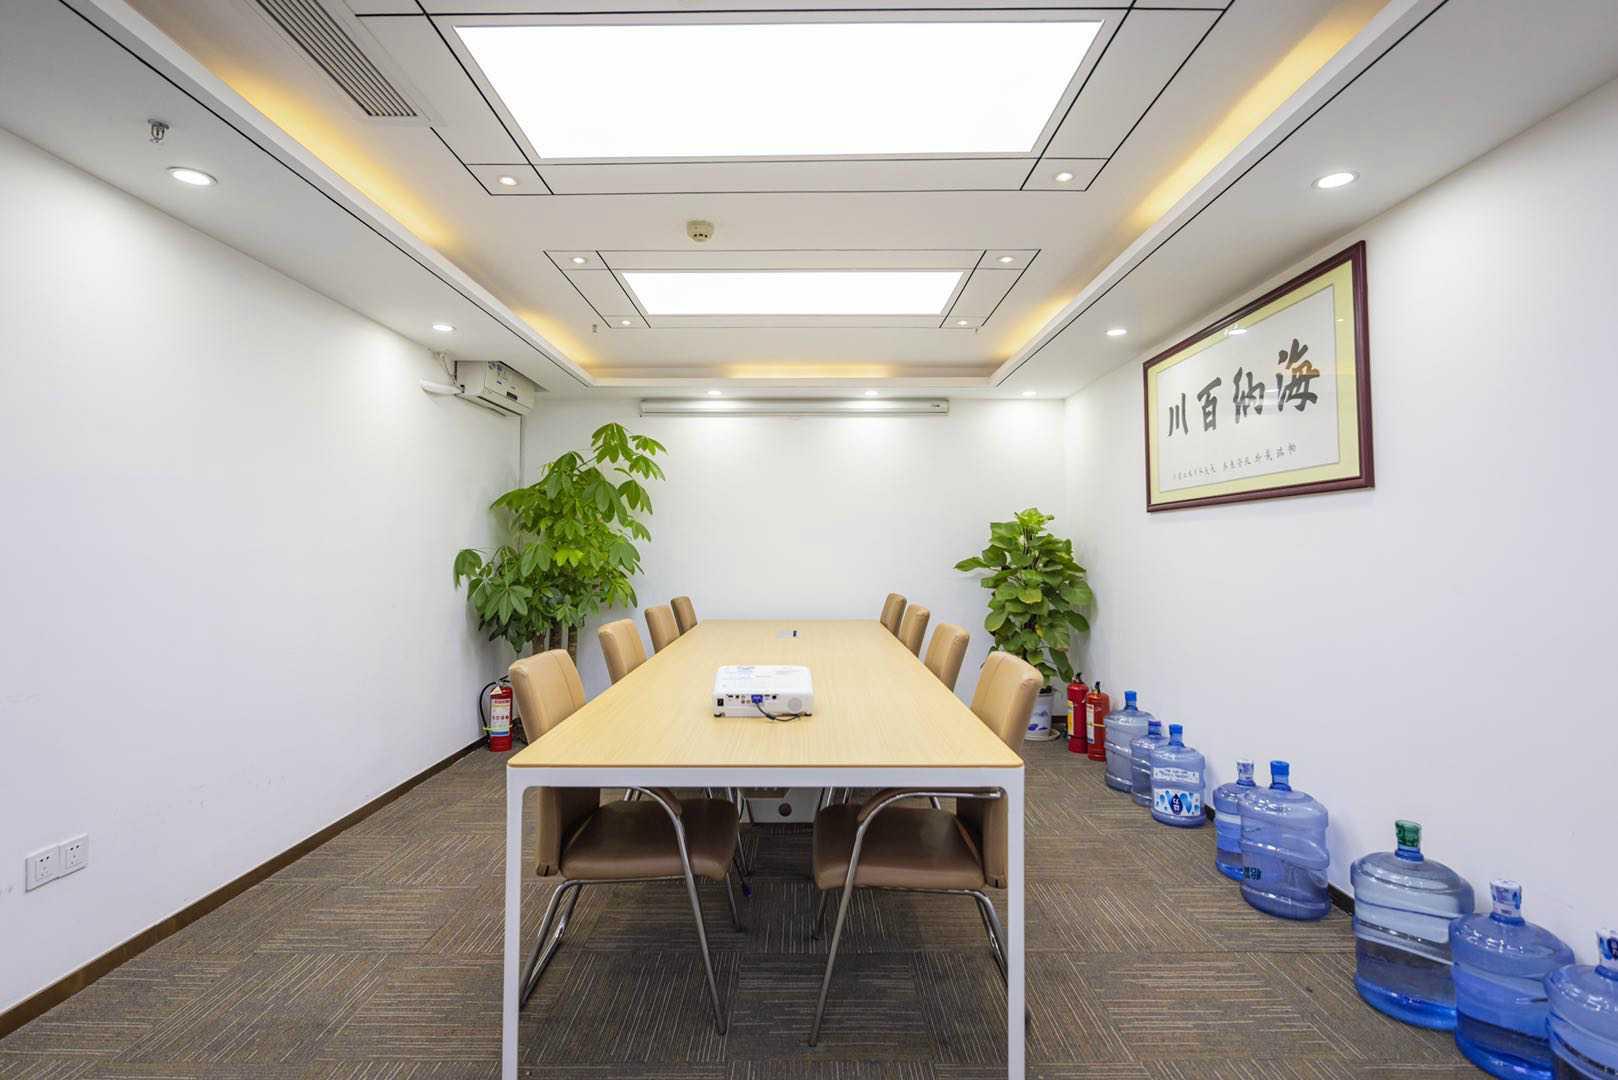 深圳公布一组重要信息!未来要大幅度增加居住空间,严格控制商业